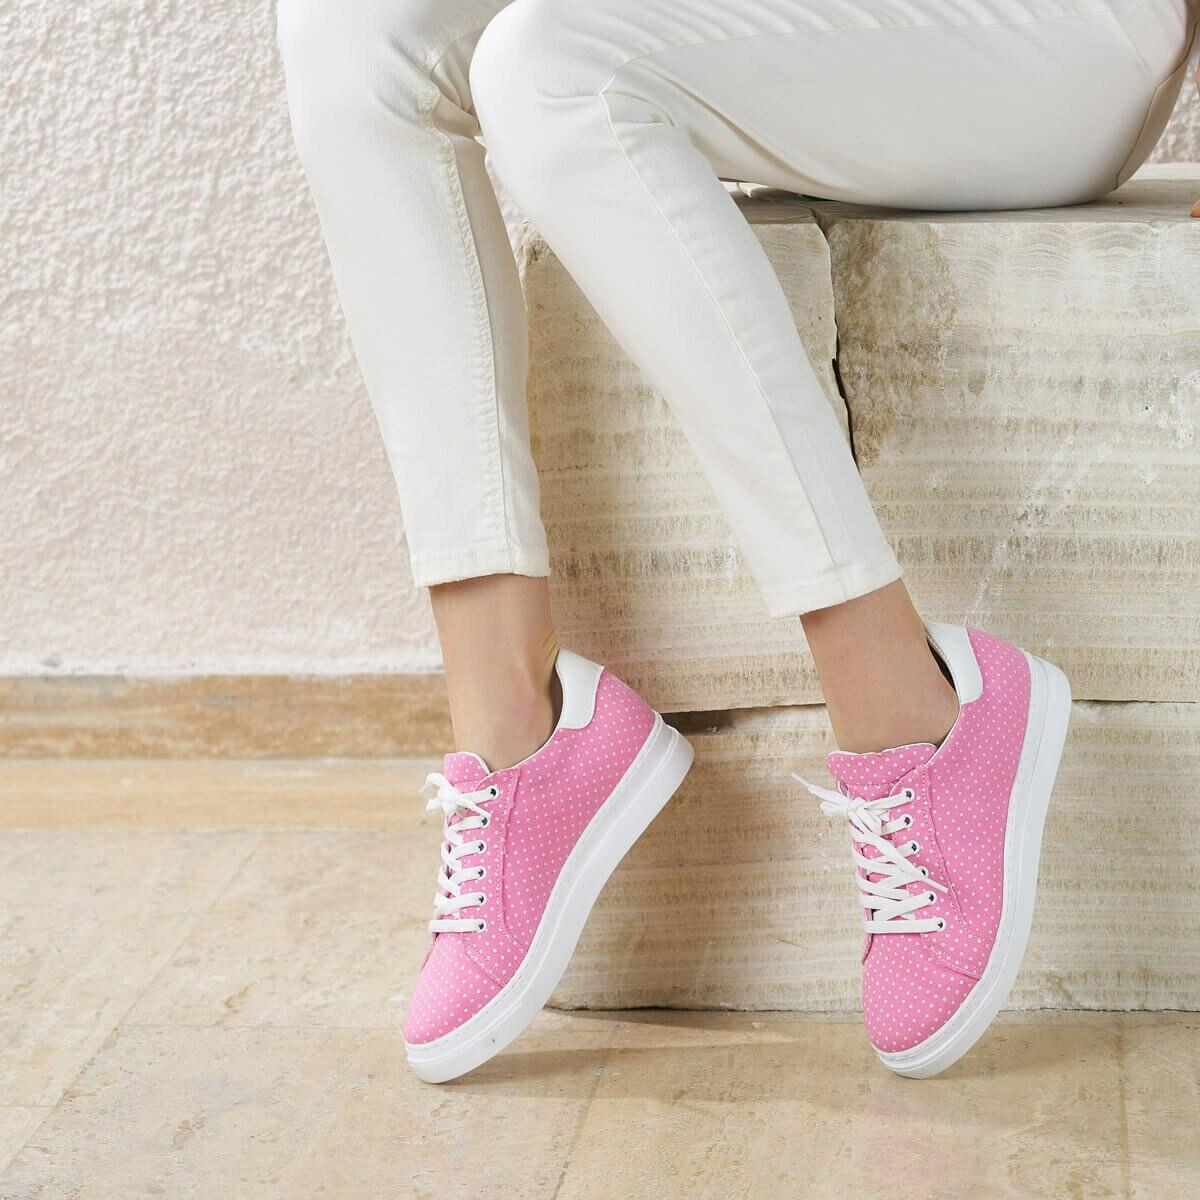 FLO AMOR * 40Z Pink Women 'S Shoes BUTIGO